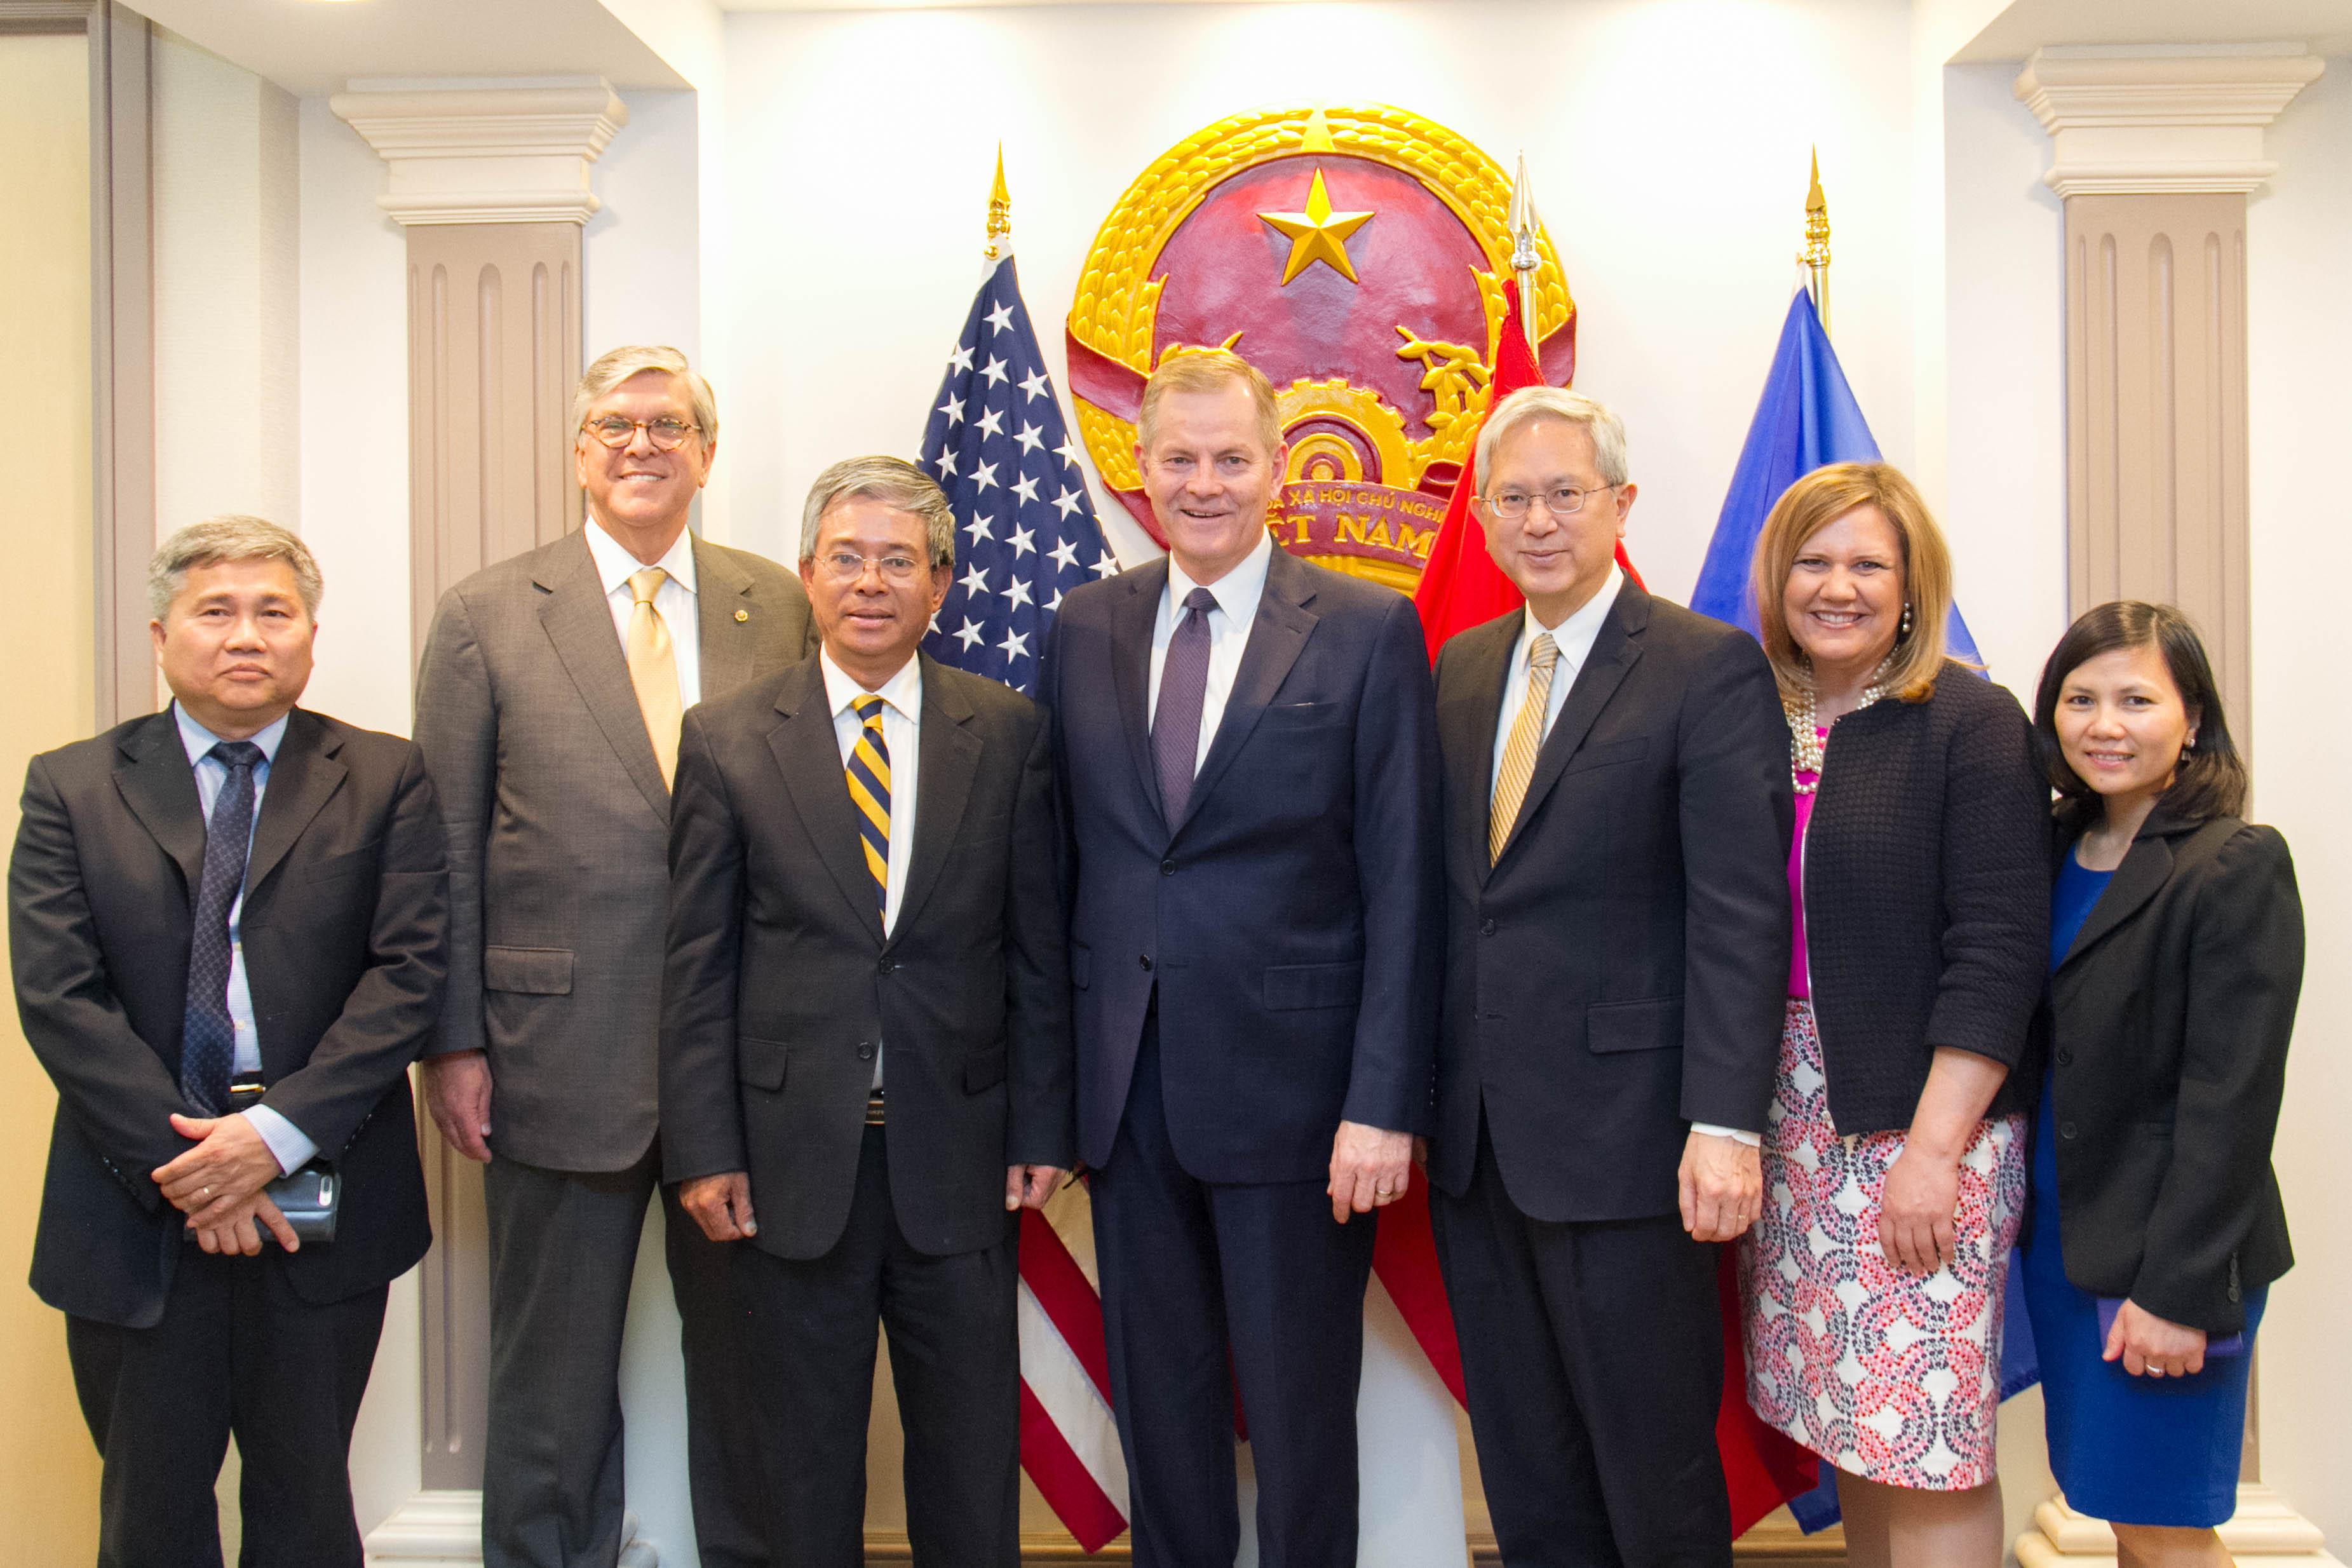 Đại sứ Việt Nam tại Hoa kỳ tiếp Đoàn đại diện cấp cao Đạo Mormon